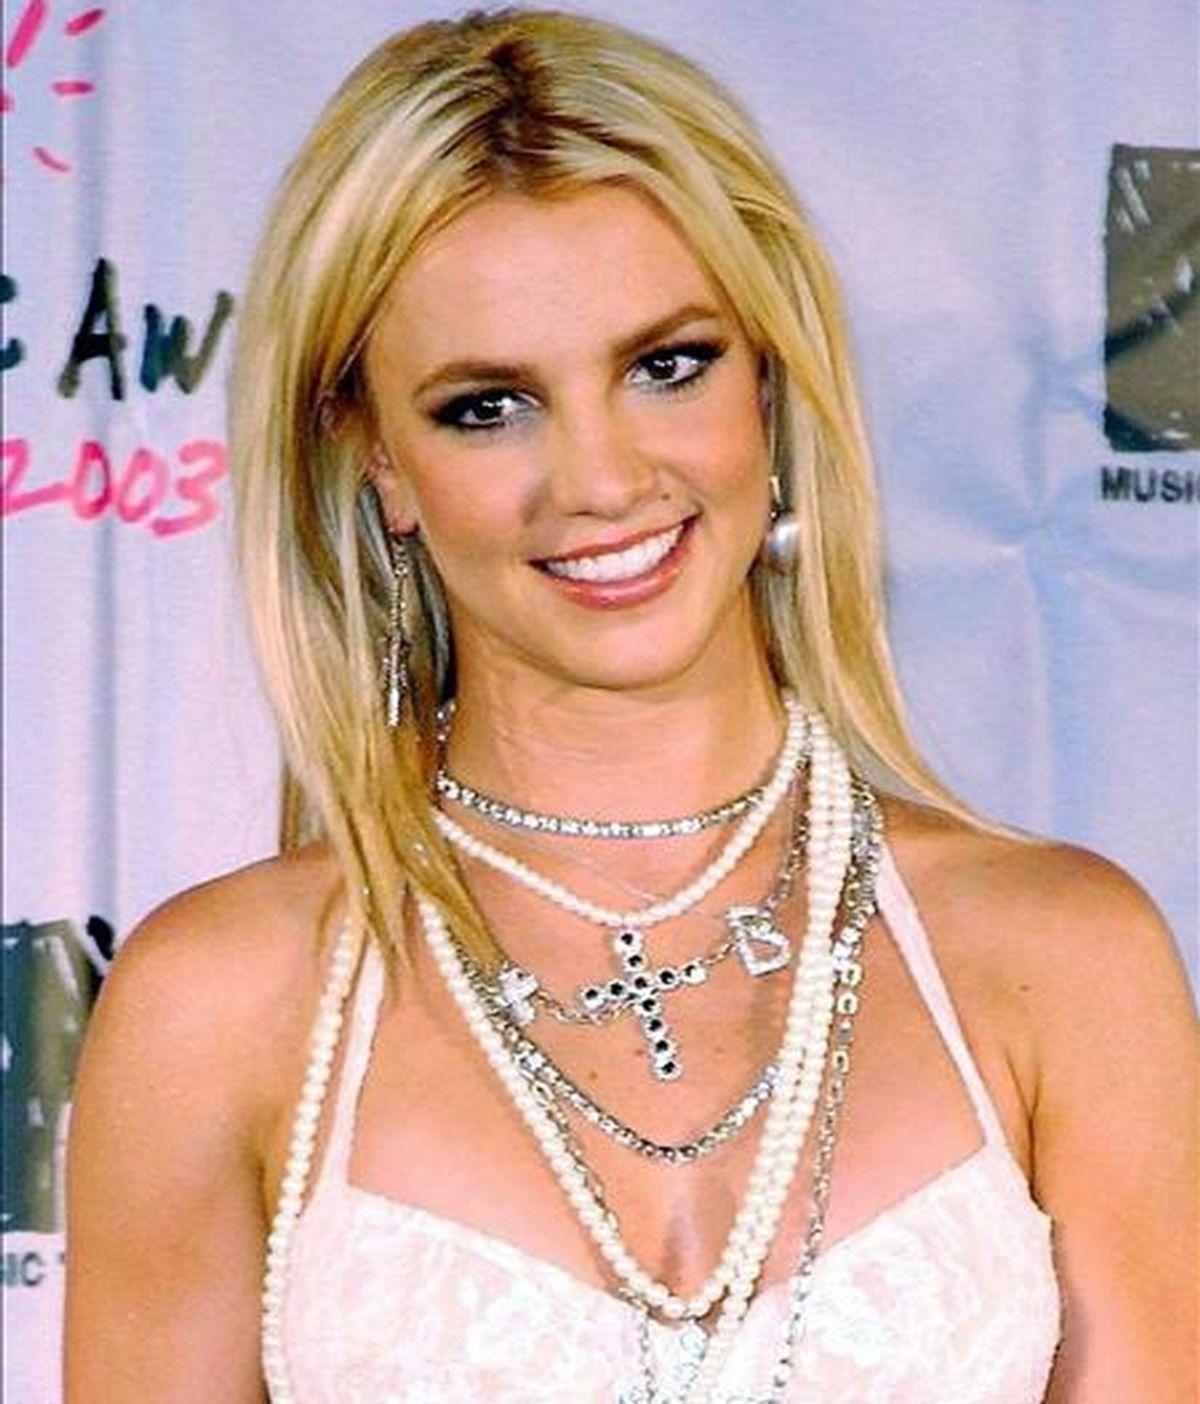 Spears volvería a ser protagonista de una complicada situación personal después de llegar a ser ingresada en una planta psiquiátrica en 2008, quedar bajo la tutela de su padre Jamie Spears y perder la custodia de sus hijos. EFE/Archivo